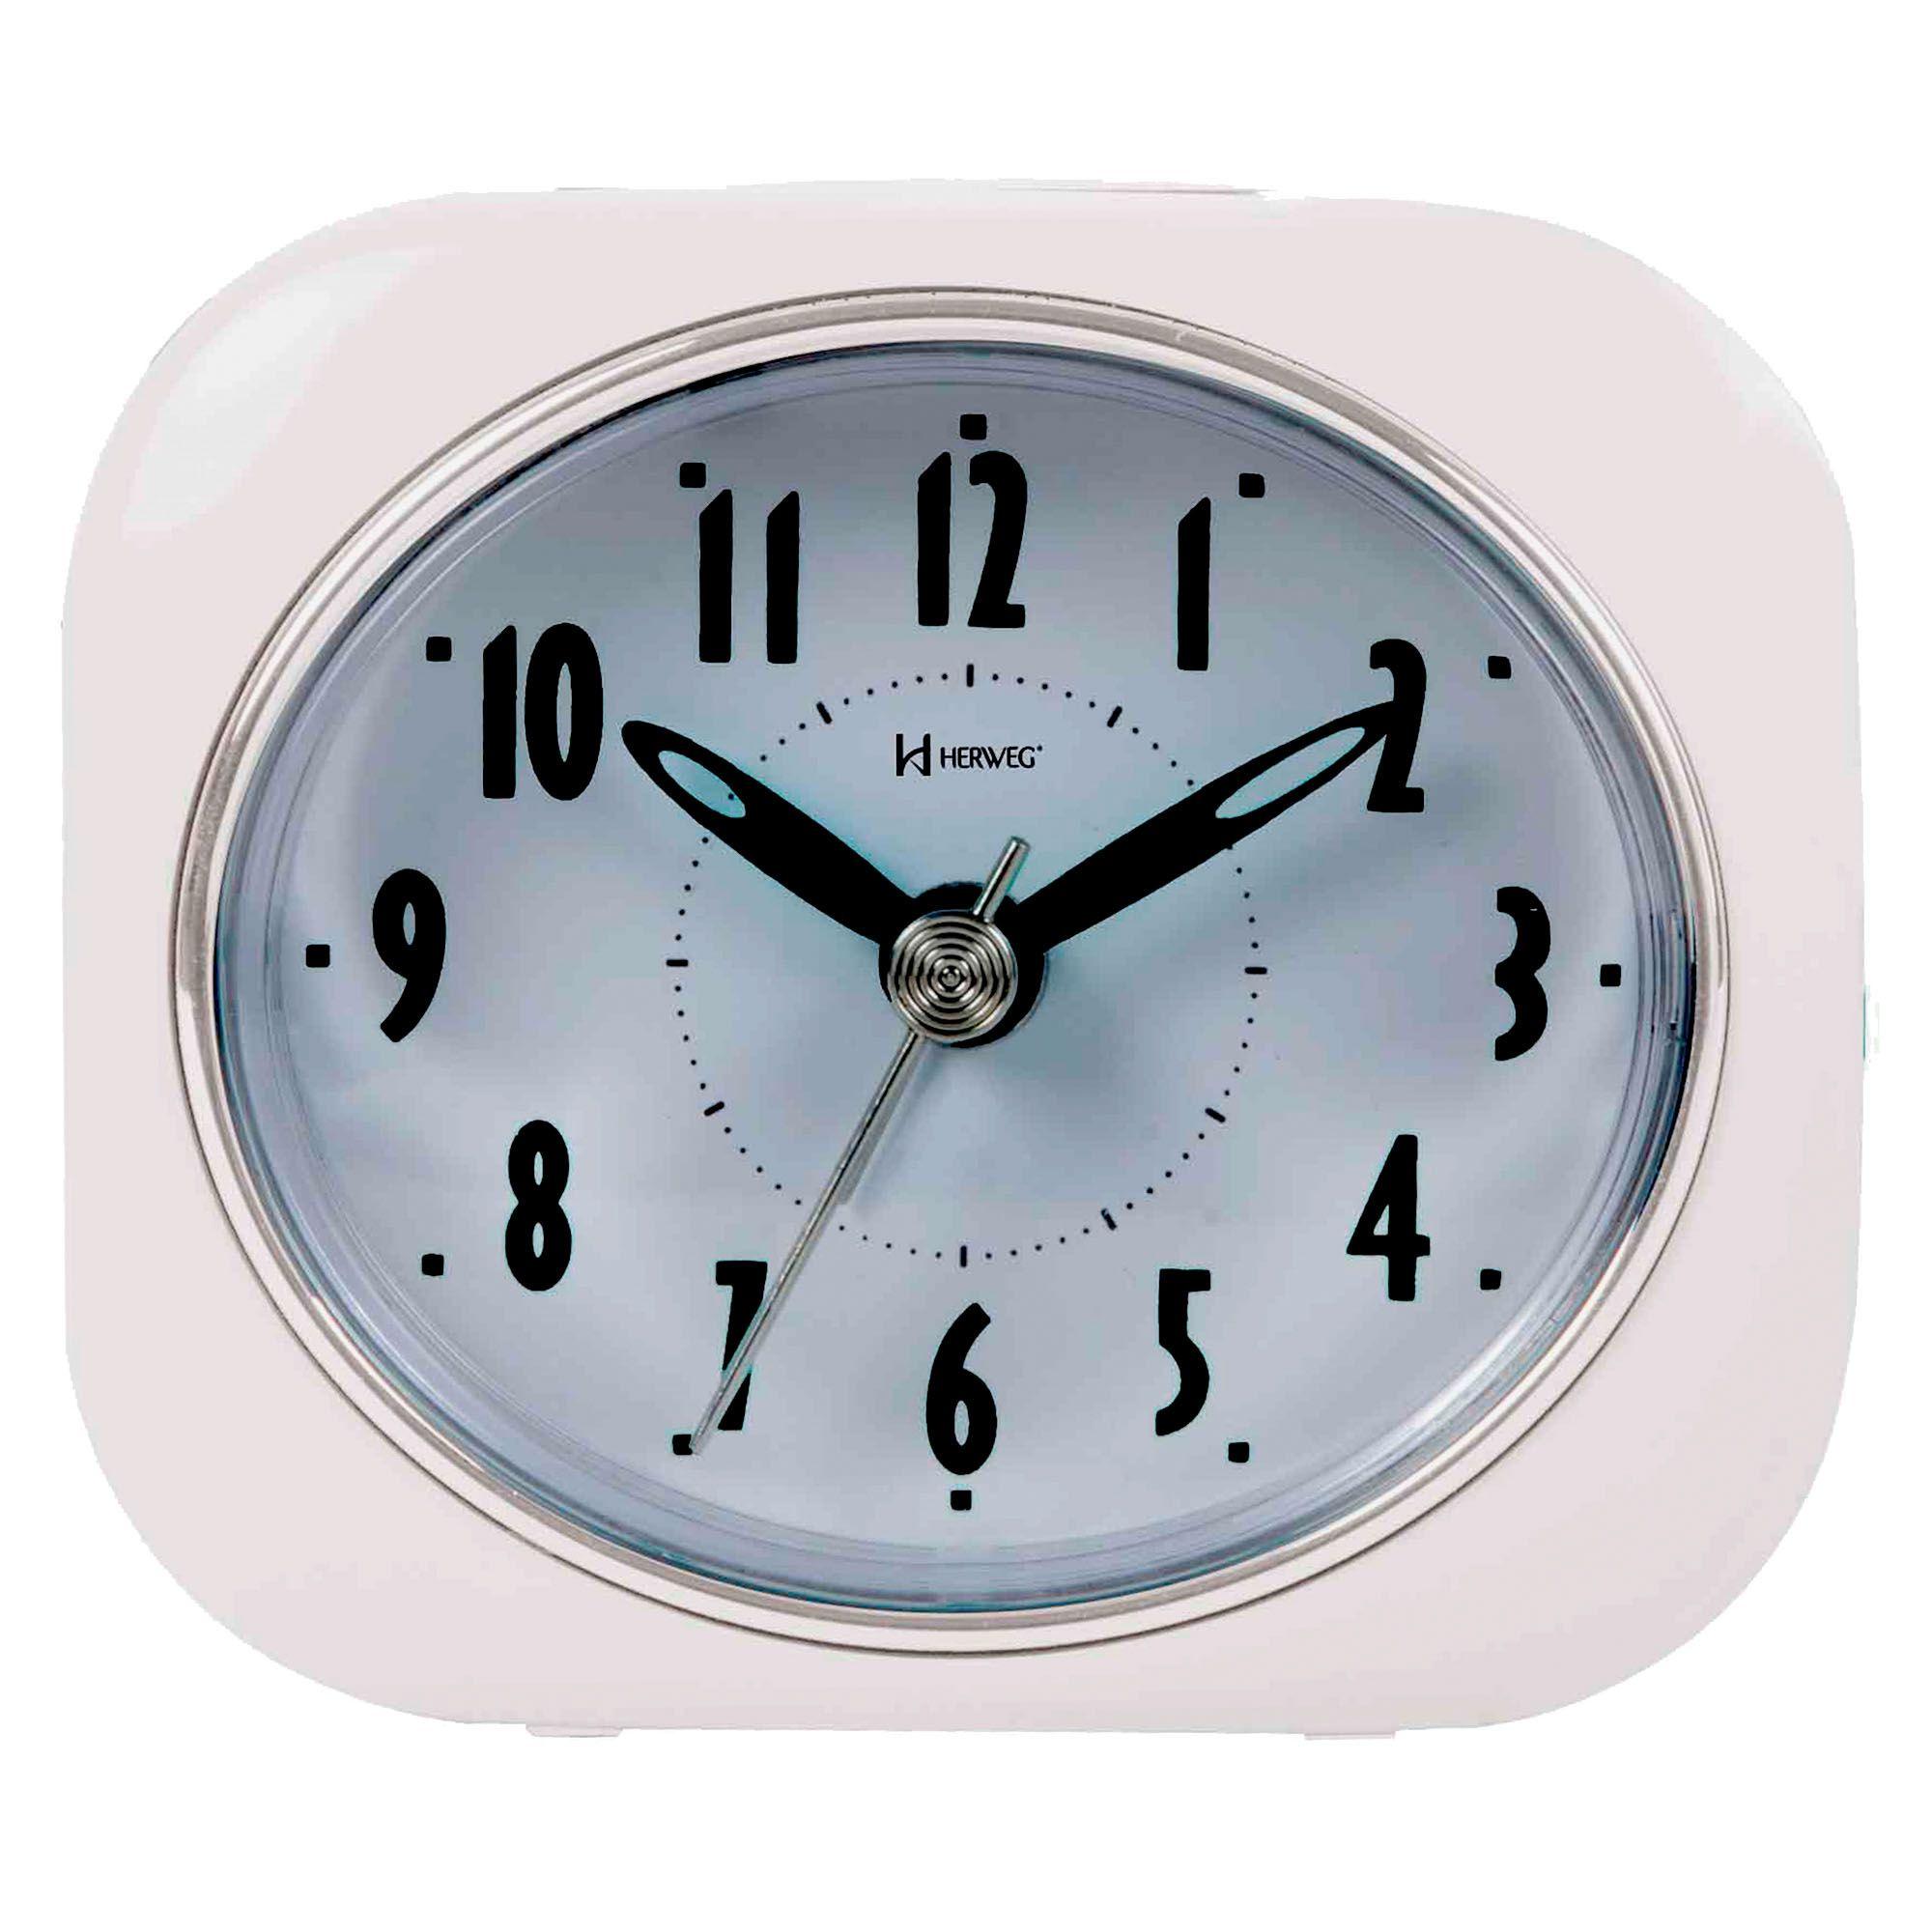 Despertador Analógico Quartzo Herweg 2705 021 Branco